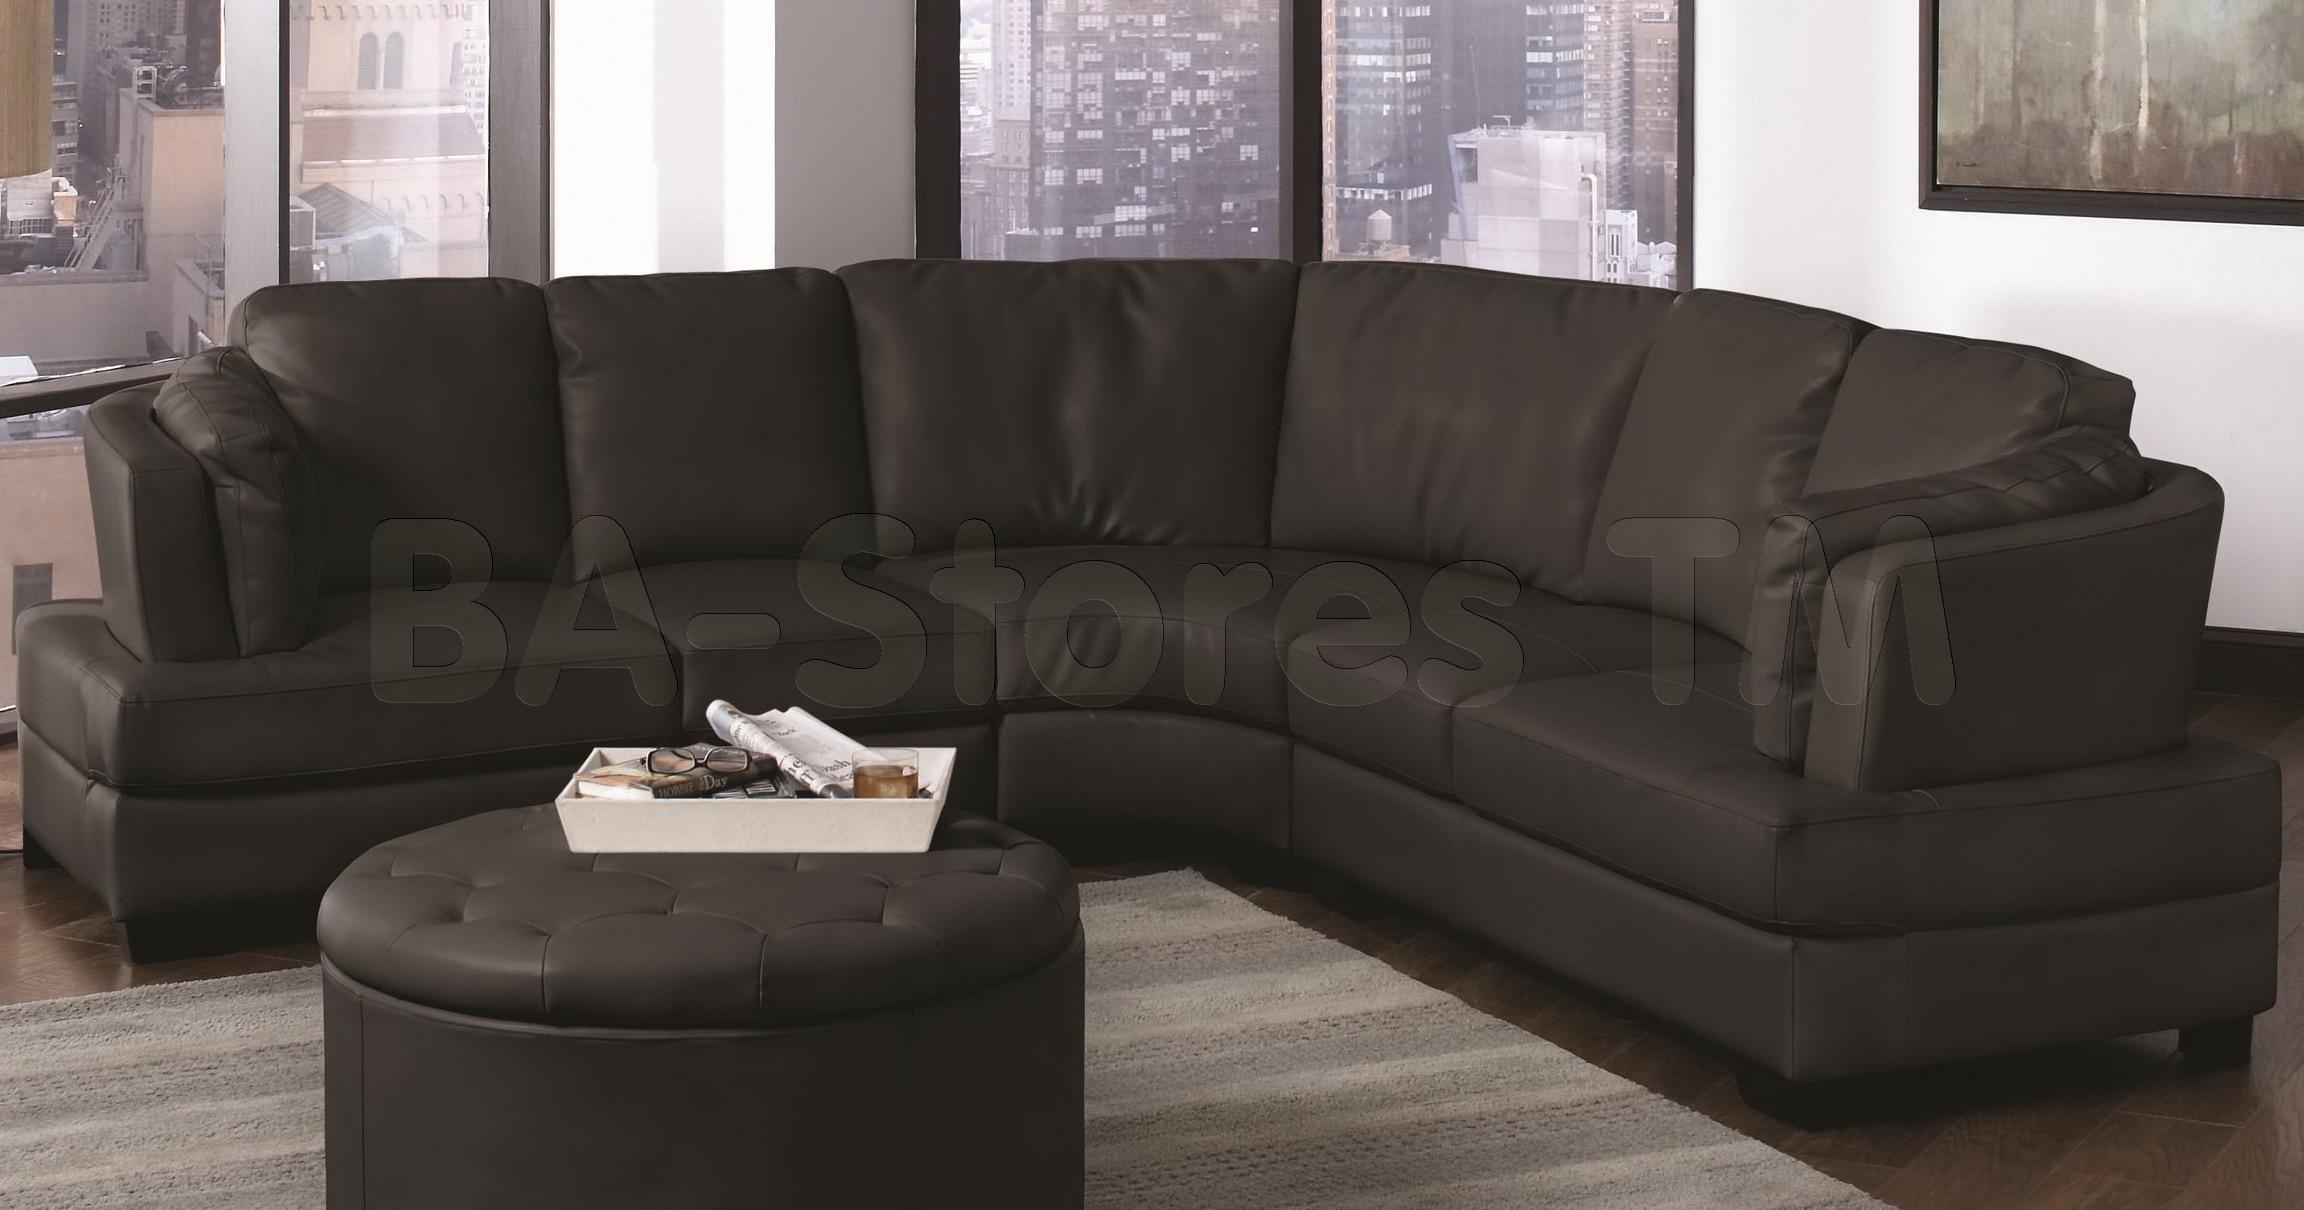 Circular Sectional Sofa Circle | Tehranmix Decoration With Circular Sectional Sofa (Image 5 of 15)